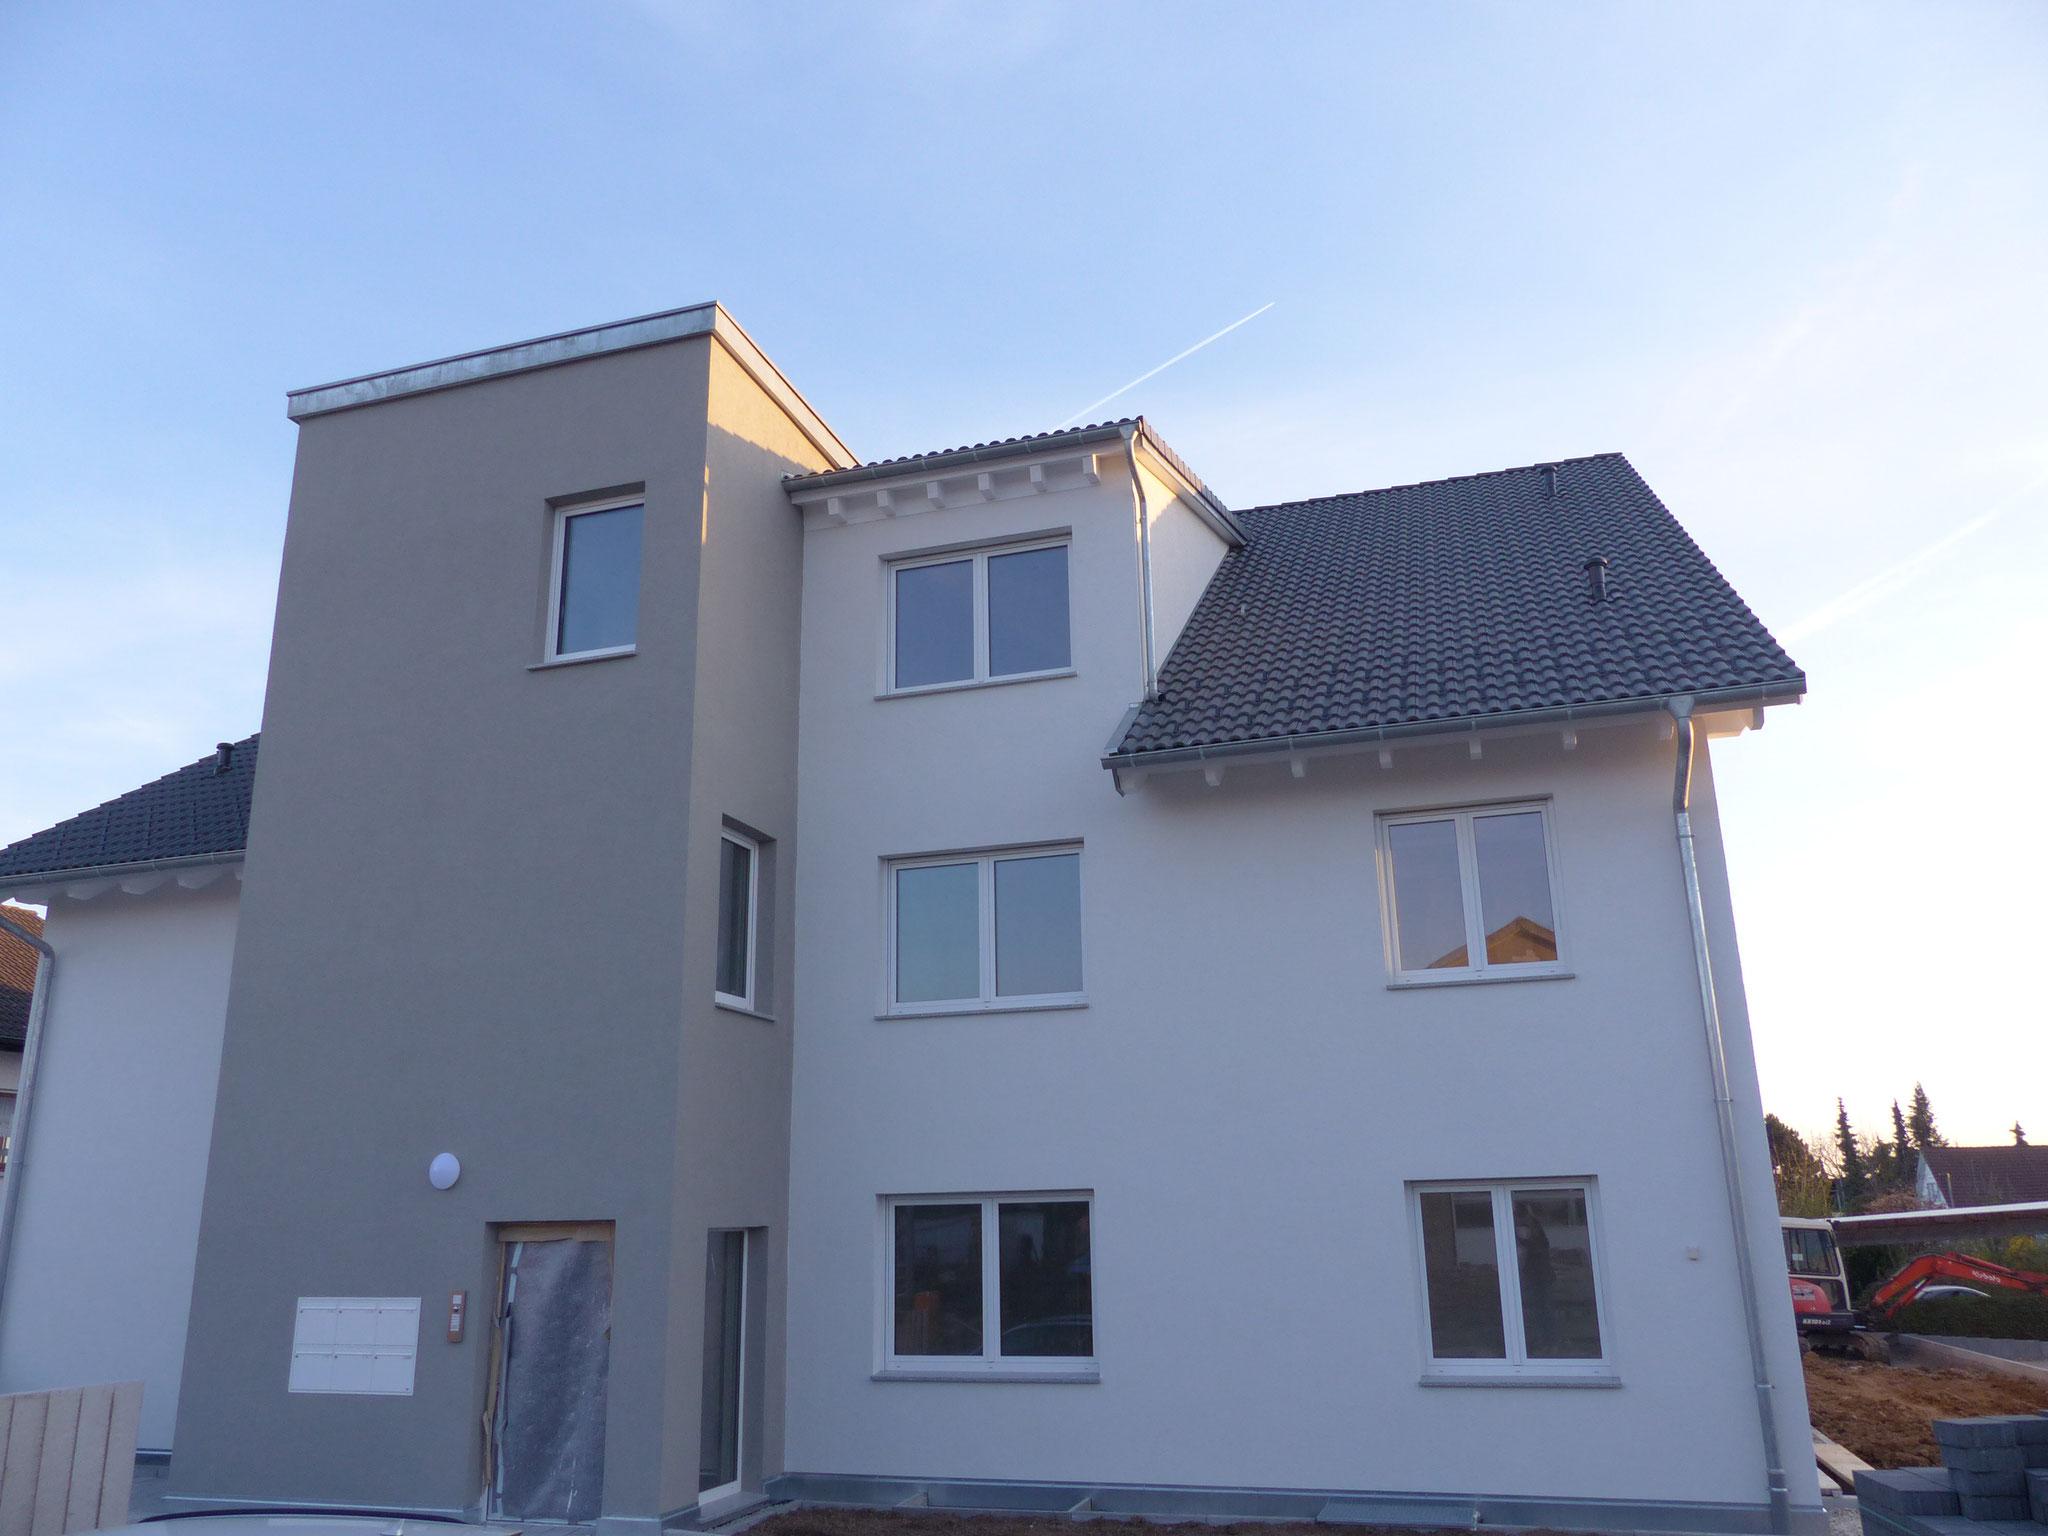 Außenputz inkl. Fassadenanstrich und -gestaltung